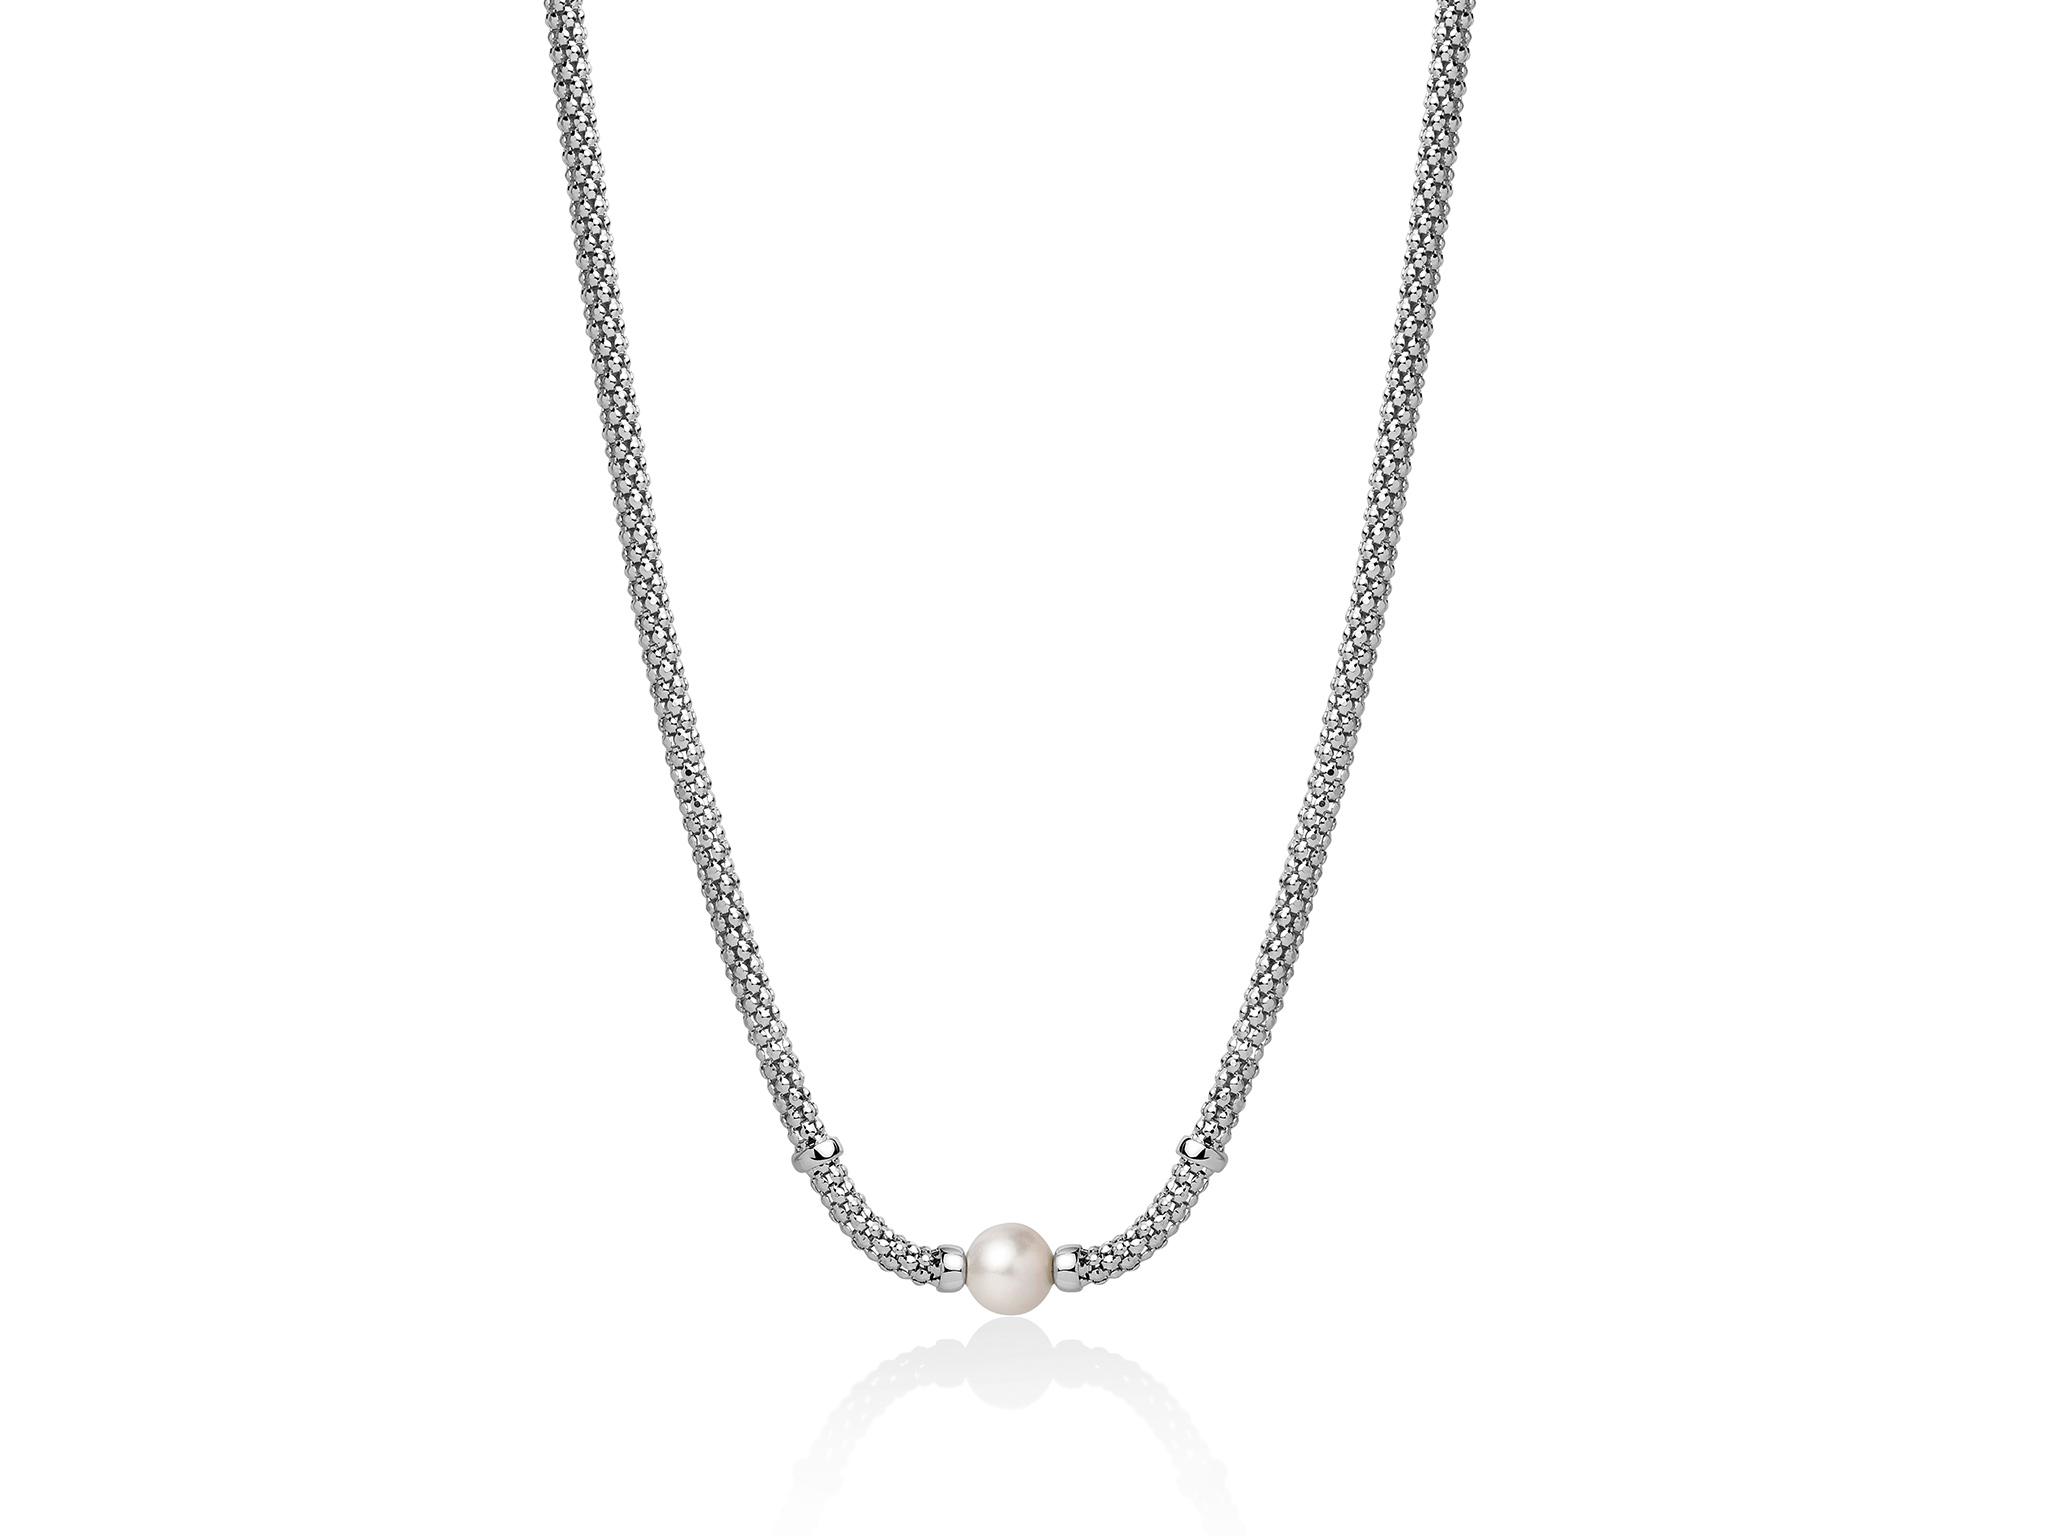 Collana con maglia coreana, in argento e centrale con perla - PCL5835B